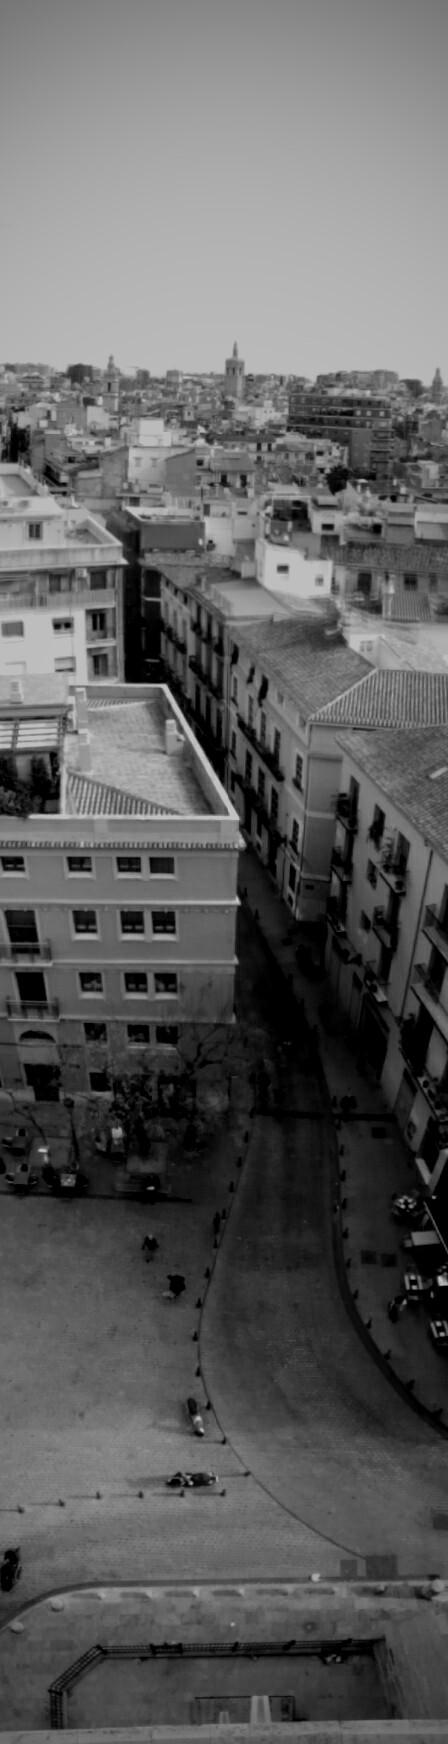 ez a mi utcánk, és a kép az utca végén található tornyokból készült (mert vasárnap ingyen van :D)